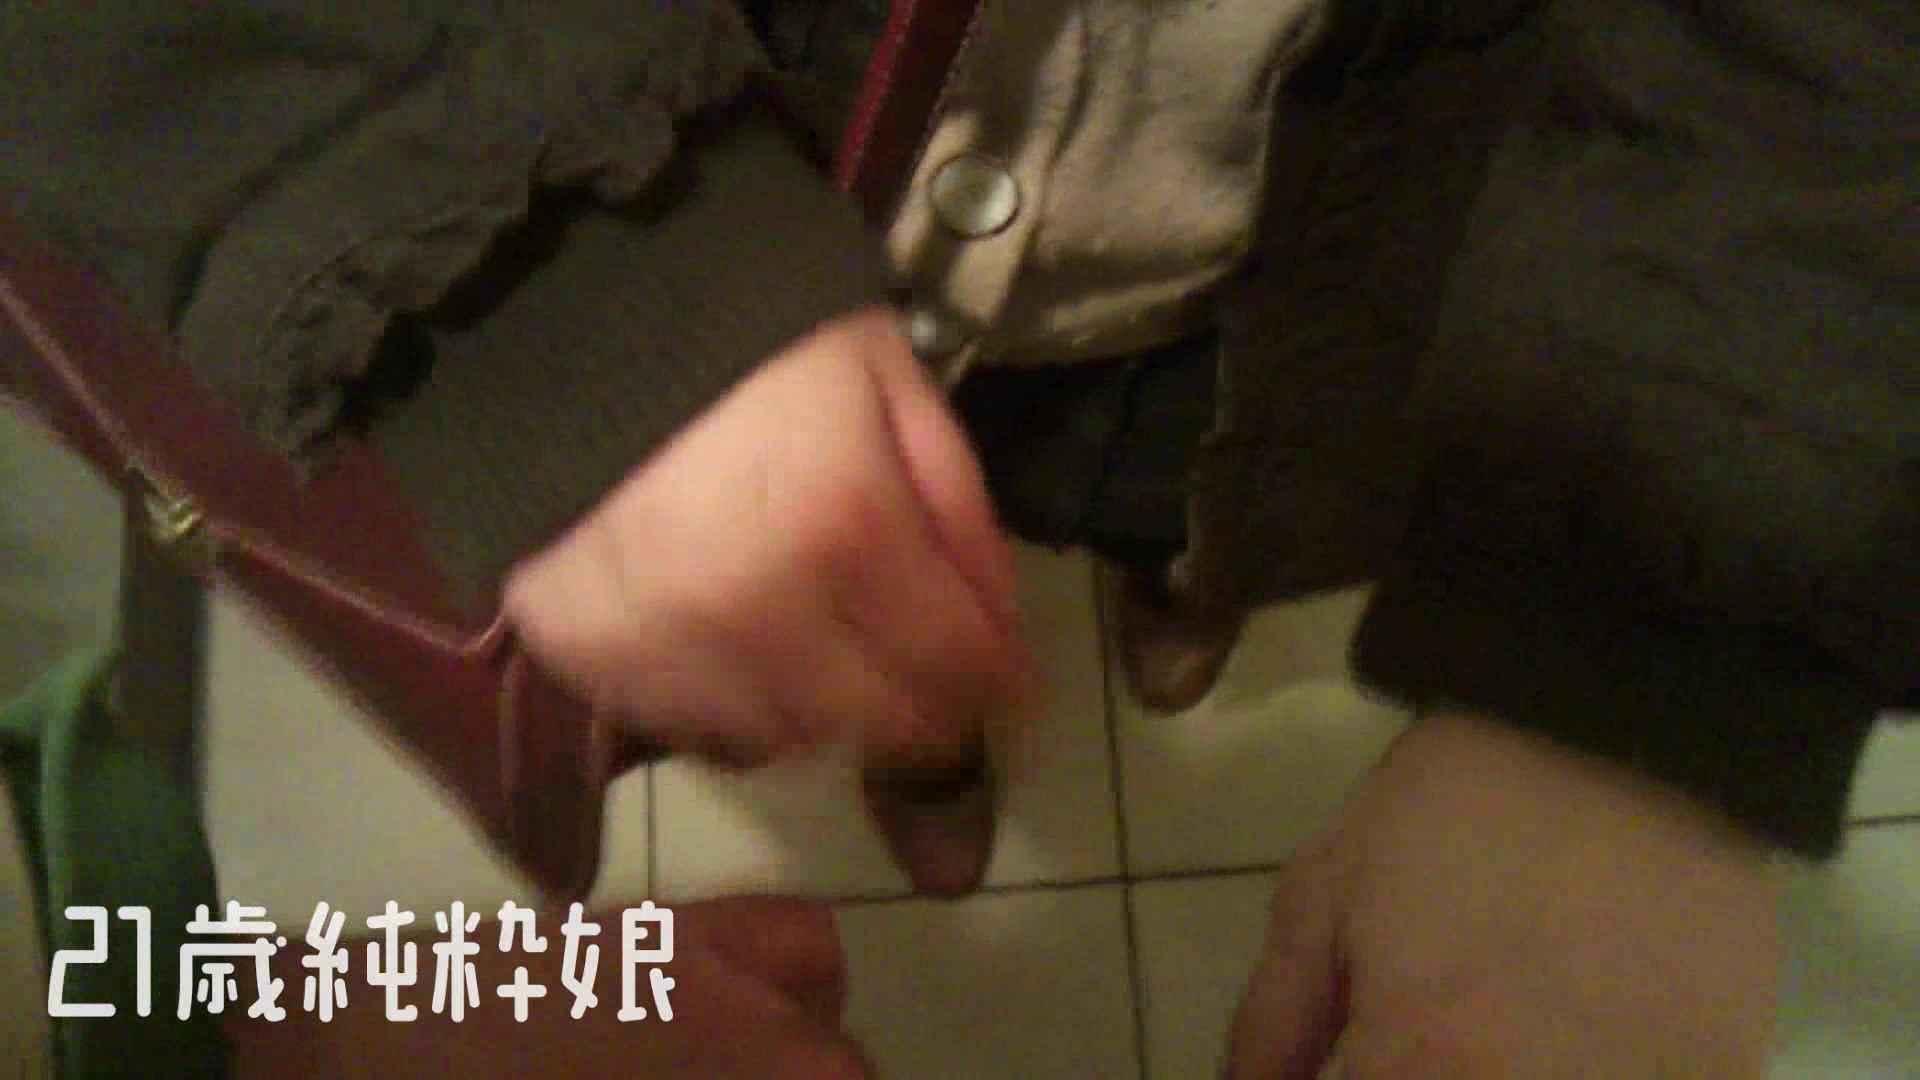 Gカップ21歳純粋嬢第2弾Vol.5 一般投稿  77pic 24